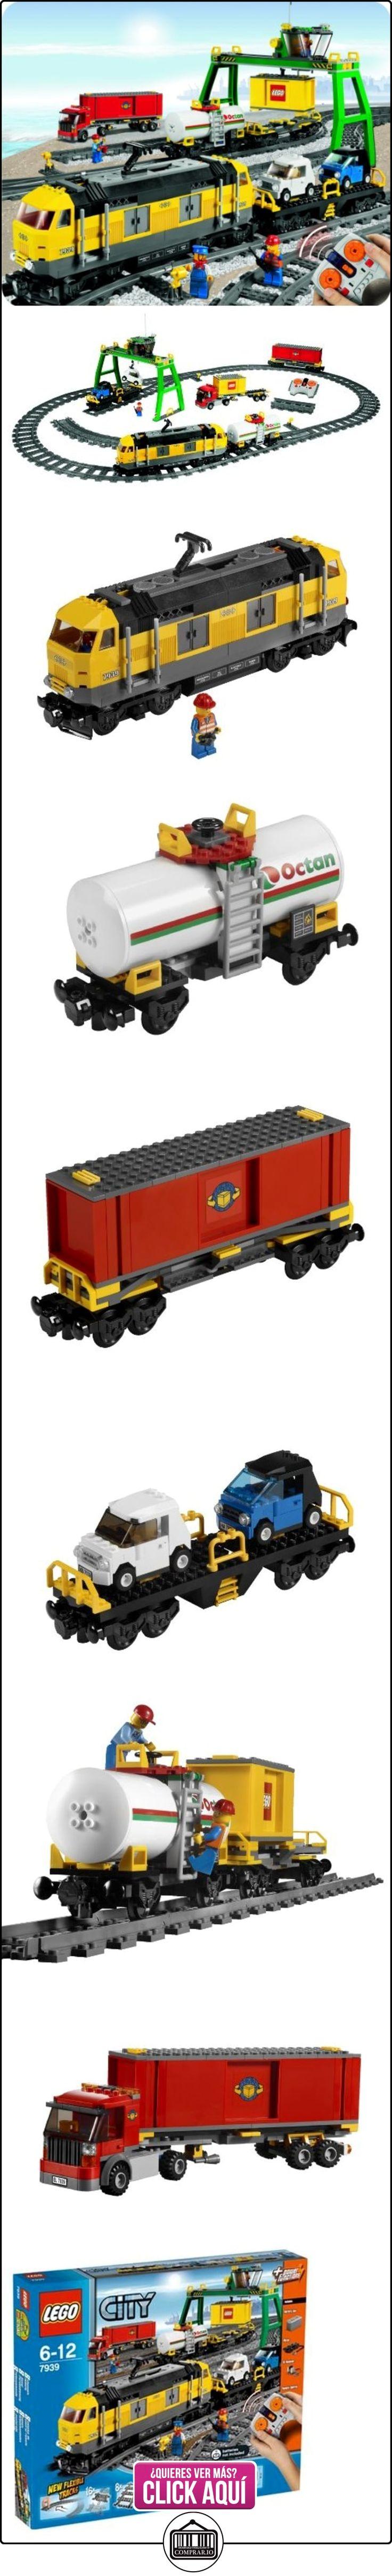 LEGO CITY 7939 Tren de Mercancías  ✿ Lego - el surtido más amplio ✿ ▬► Ver oferta: https://comprar.io/goto/B003A2JCR2